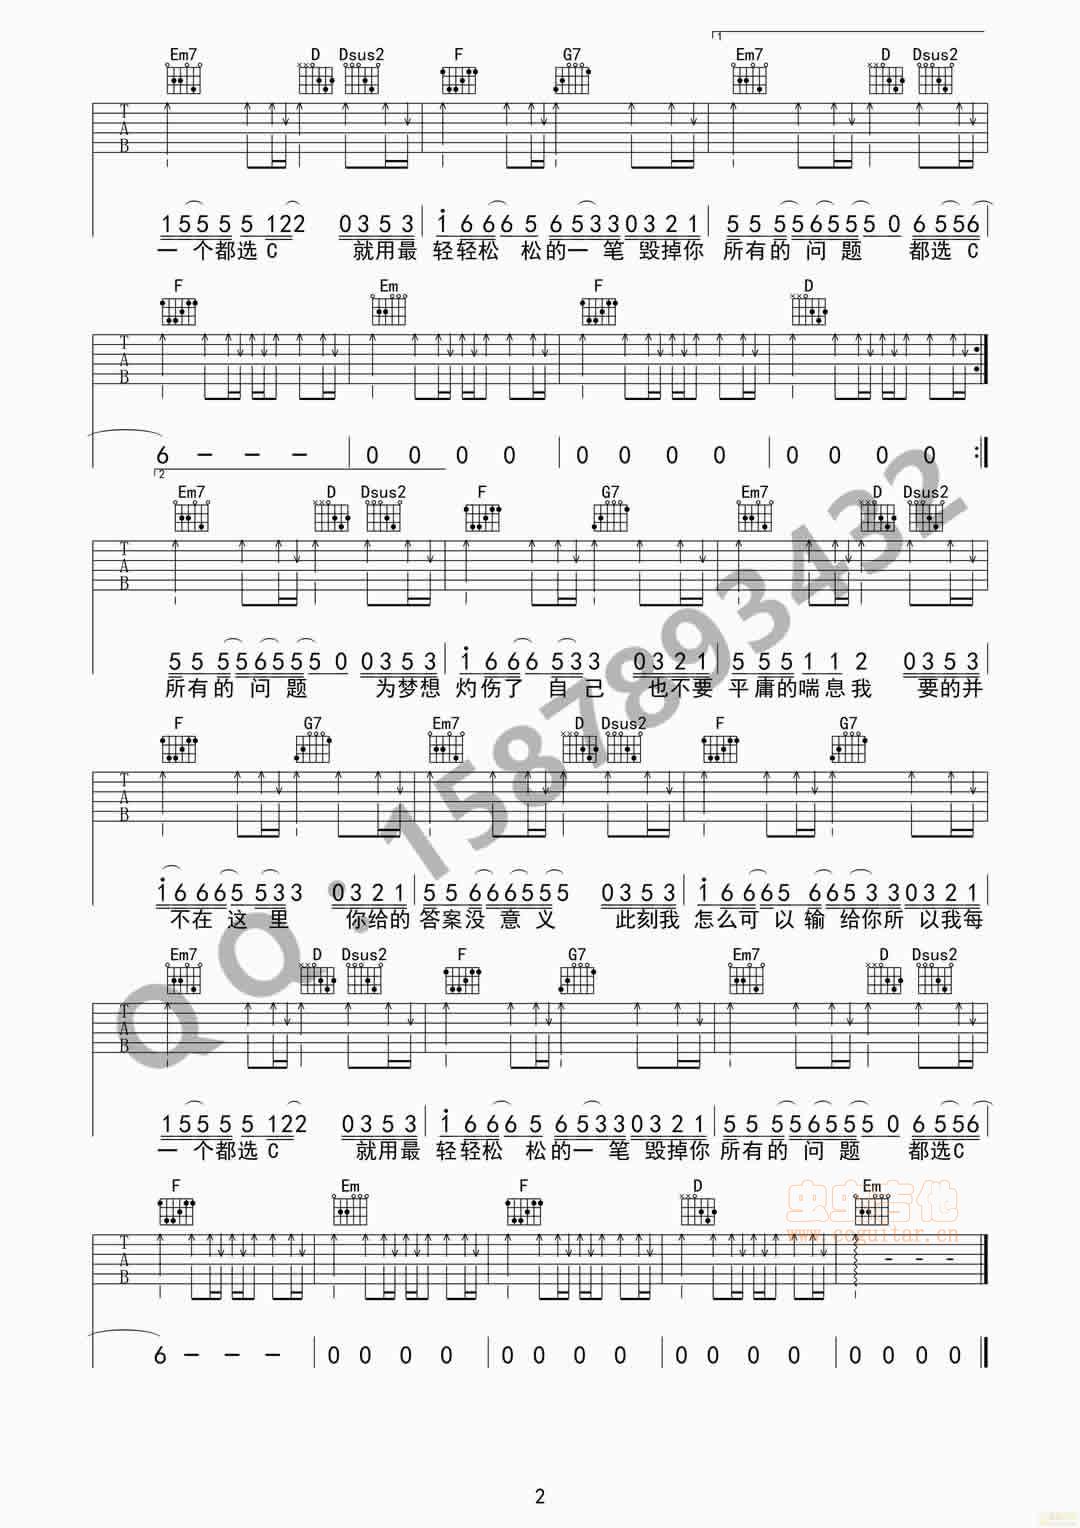 缝纫机乐队主题曲, 都选C